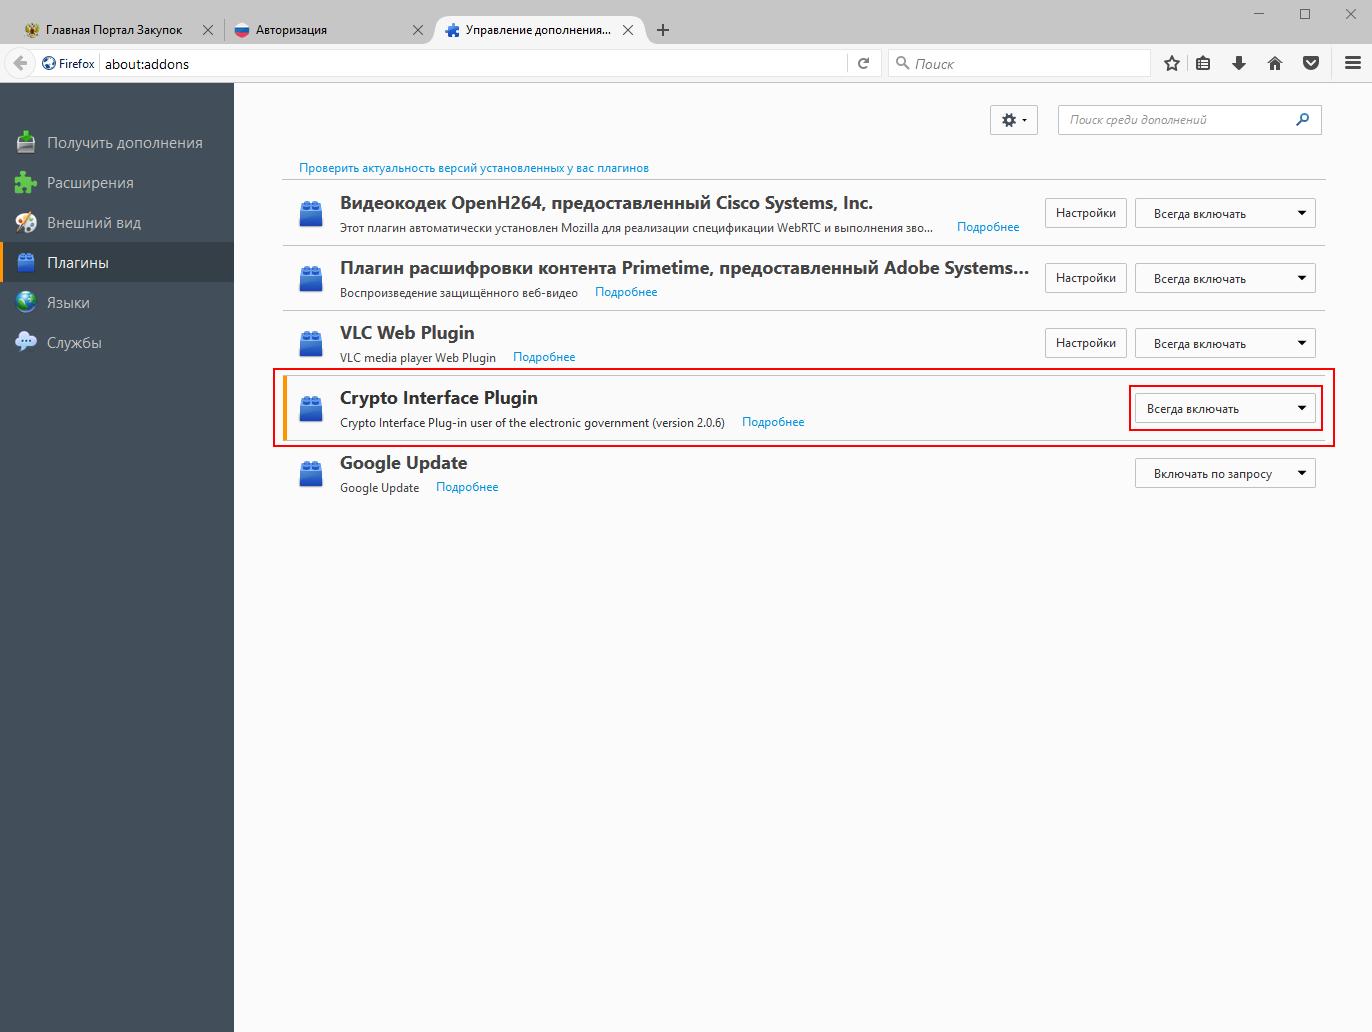 Заходим в личный кабинет на zakupki.gov.ru без Internet Explorer и другие полезные советы при работе с КриптоПро - 3